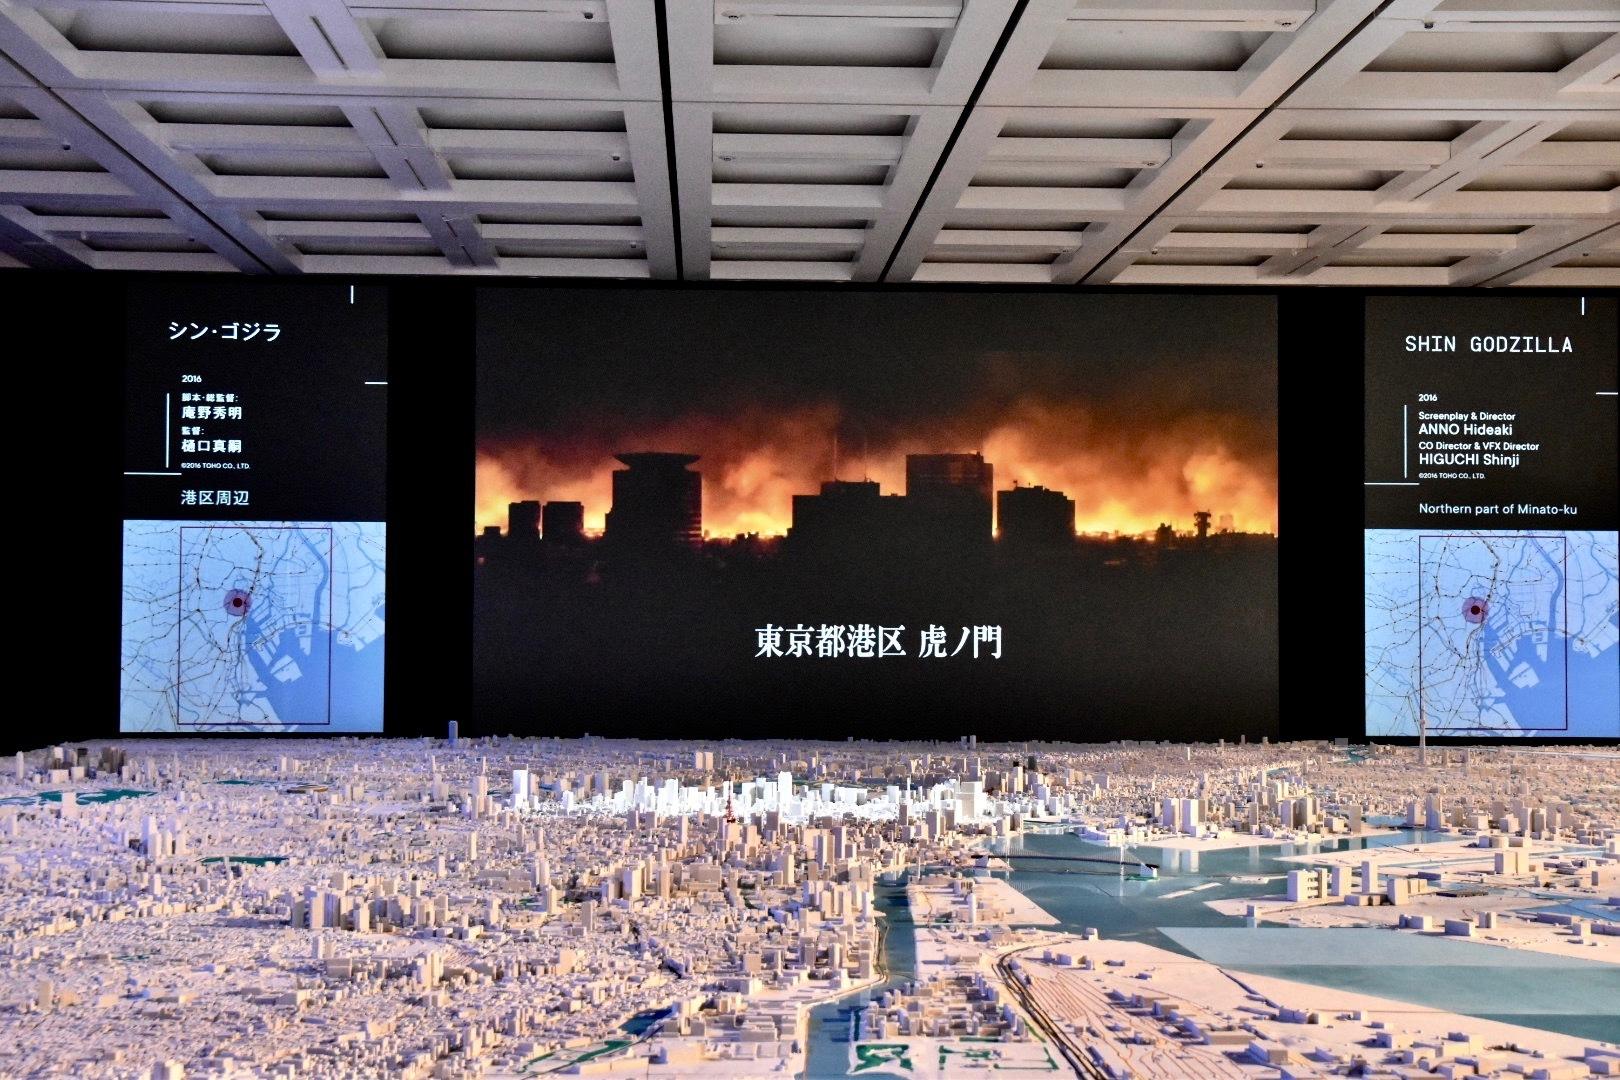 巨大スクリーンの映像に合わせて、ゴジラの破壊したエリアが明るく照らされている